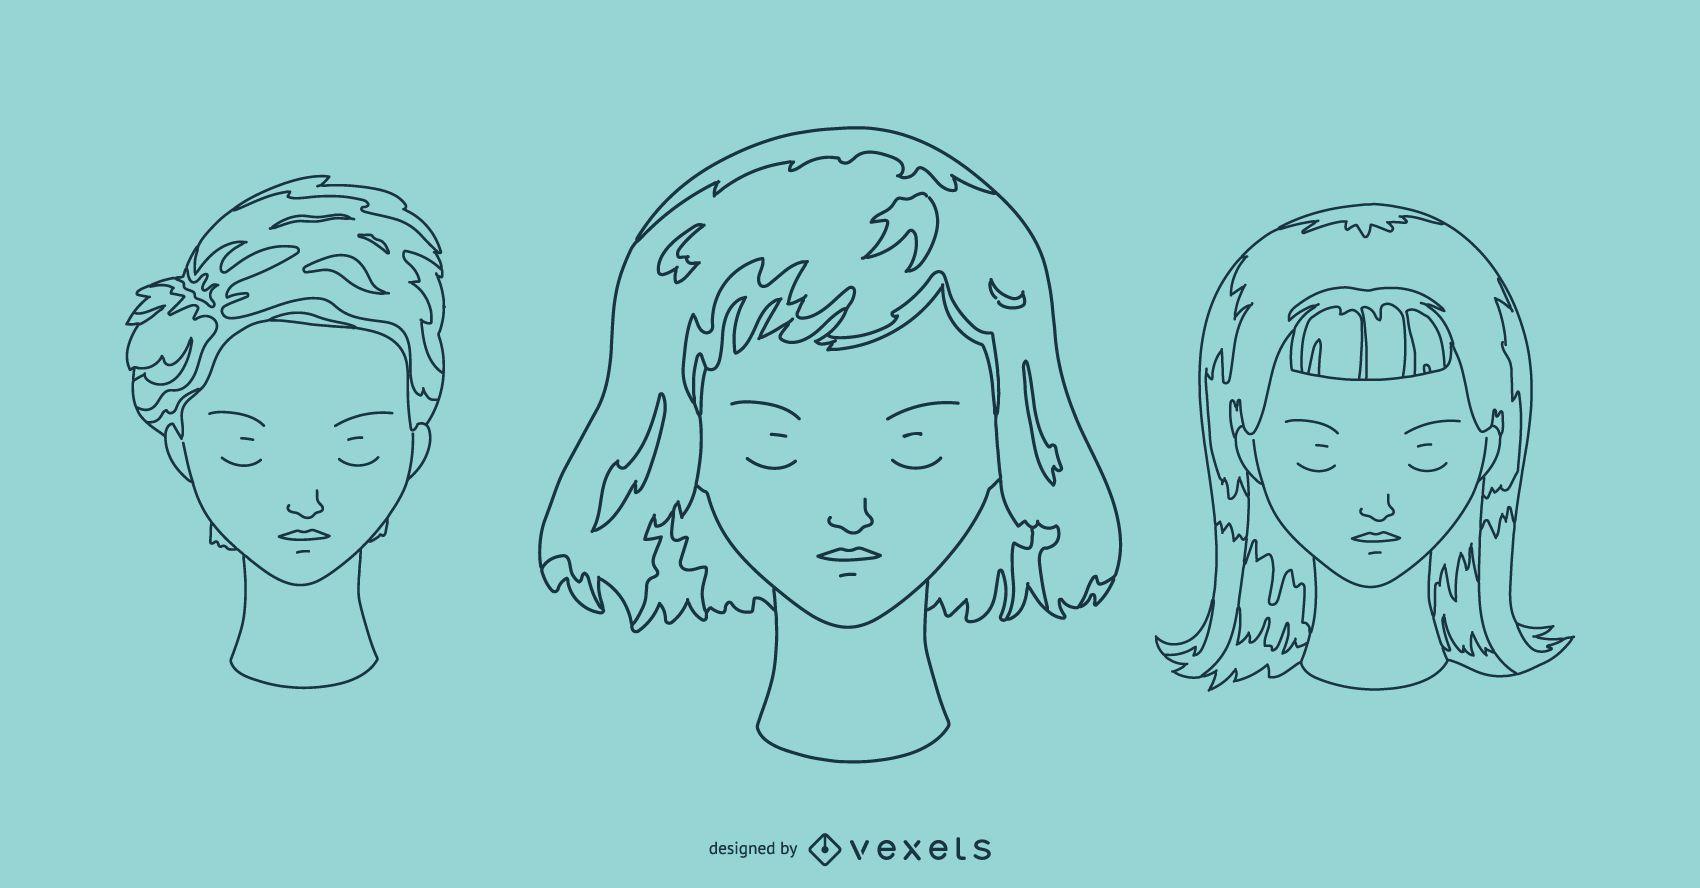 Faces outline portrait set